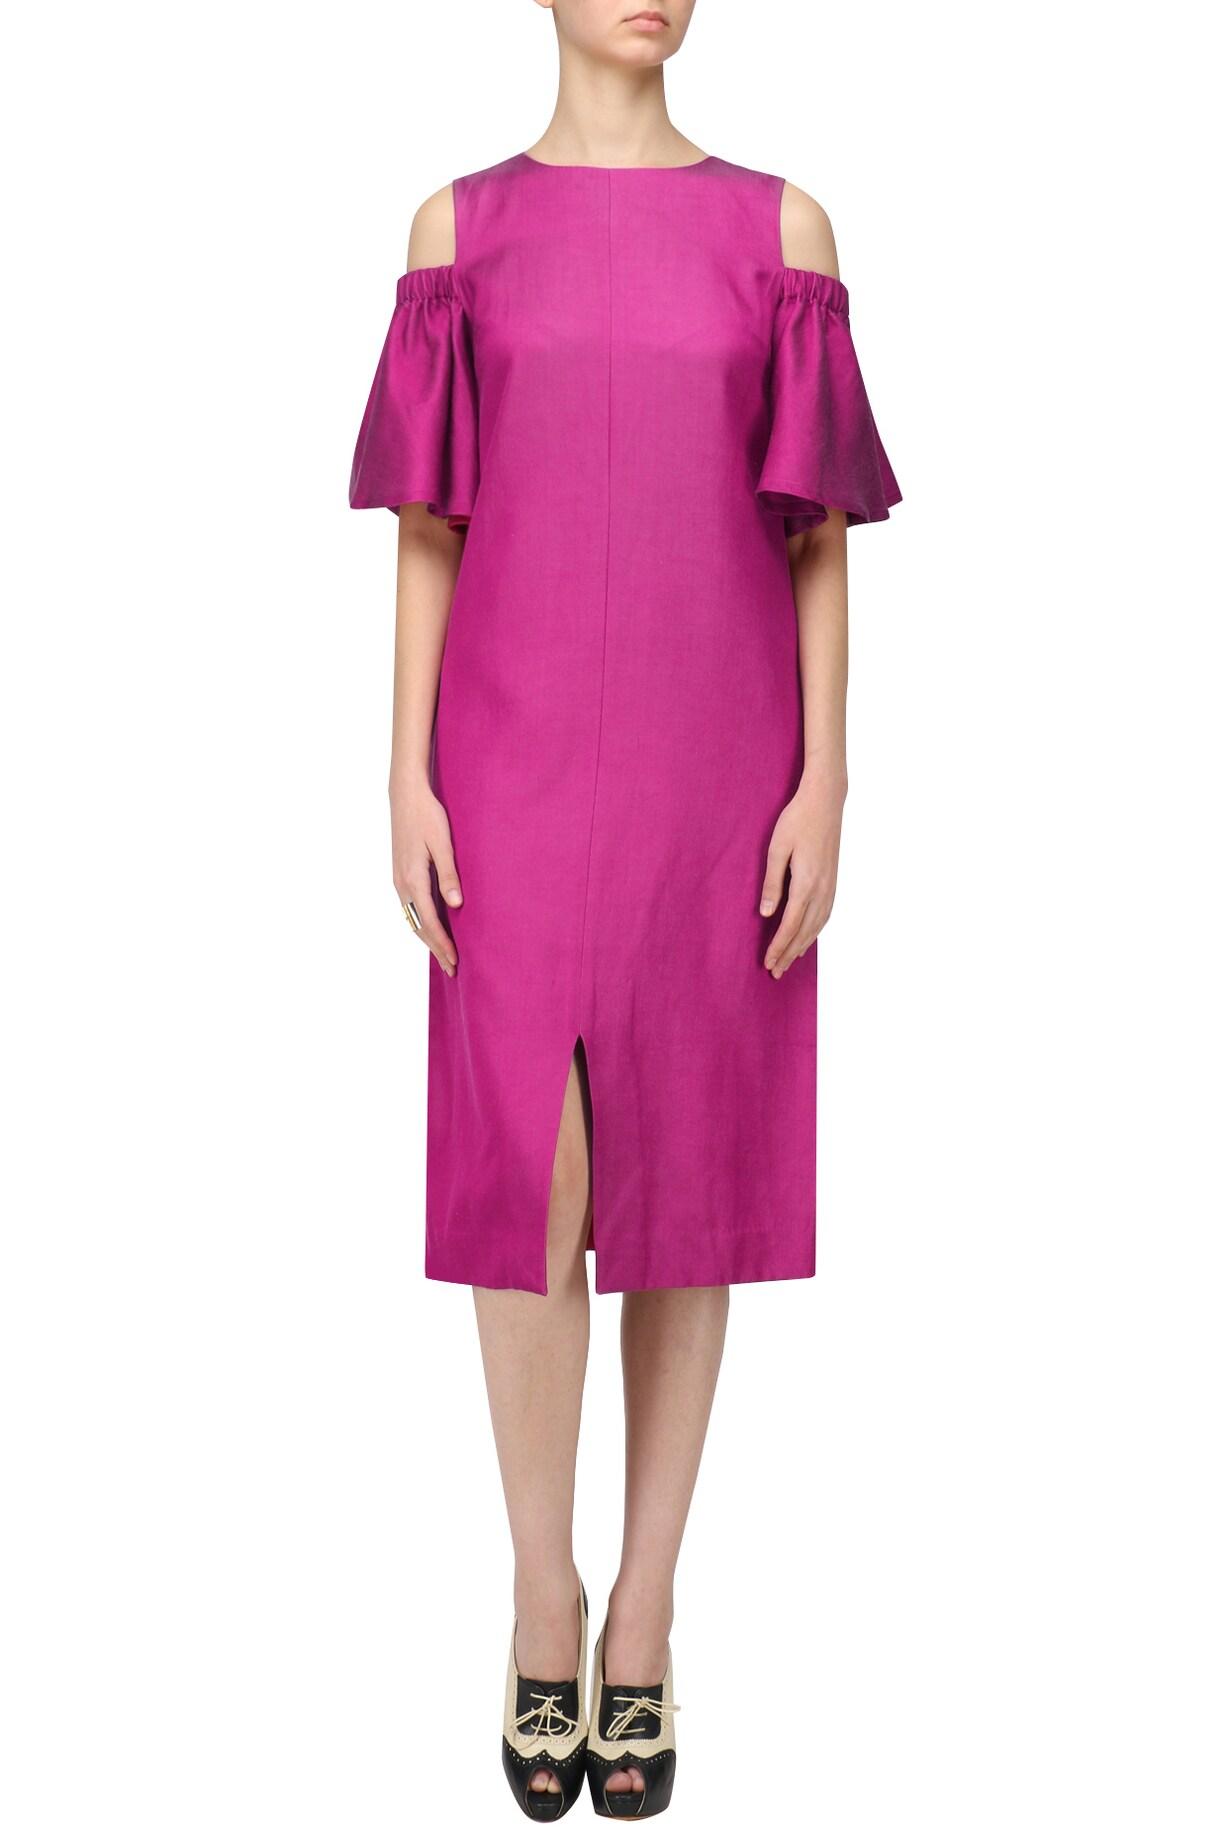 Shift by Nimish Shah Dresses